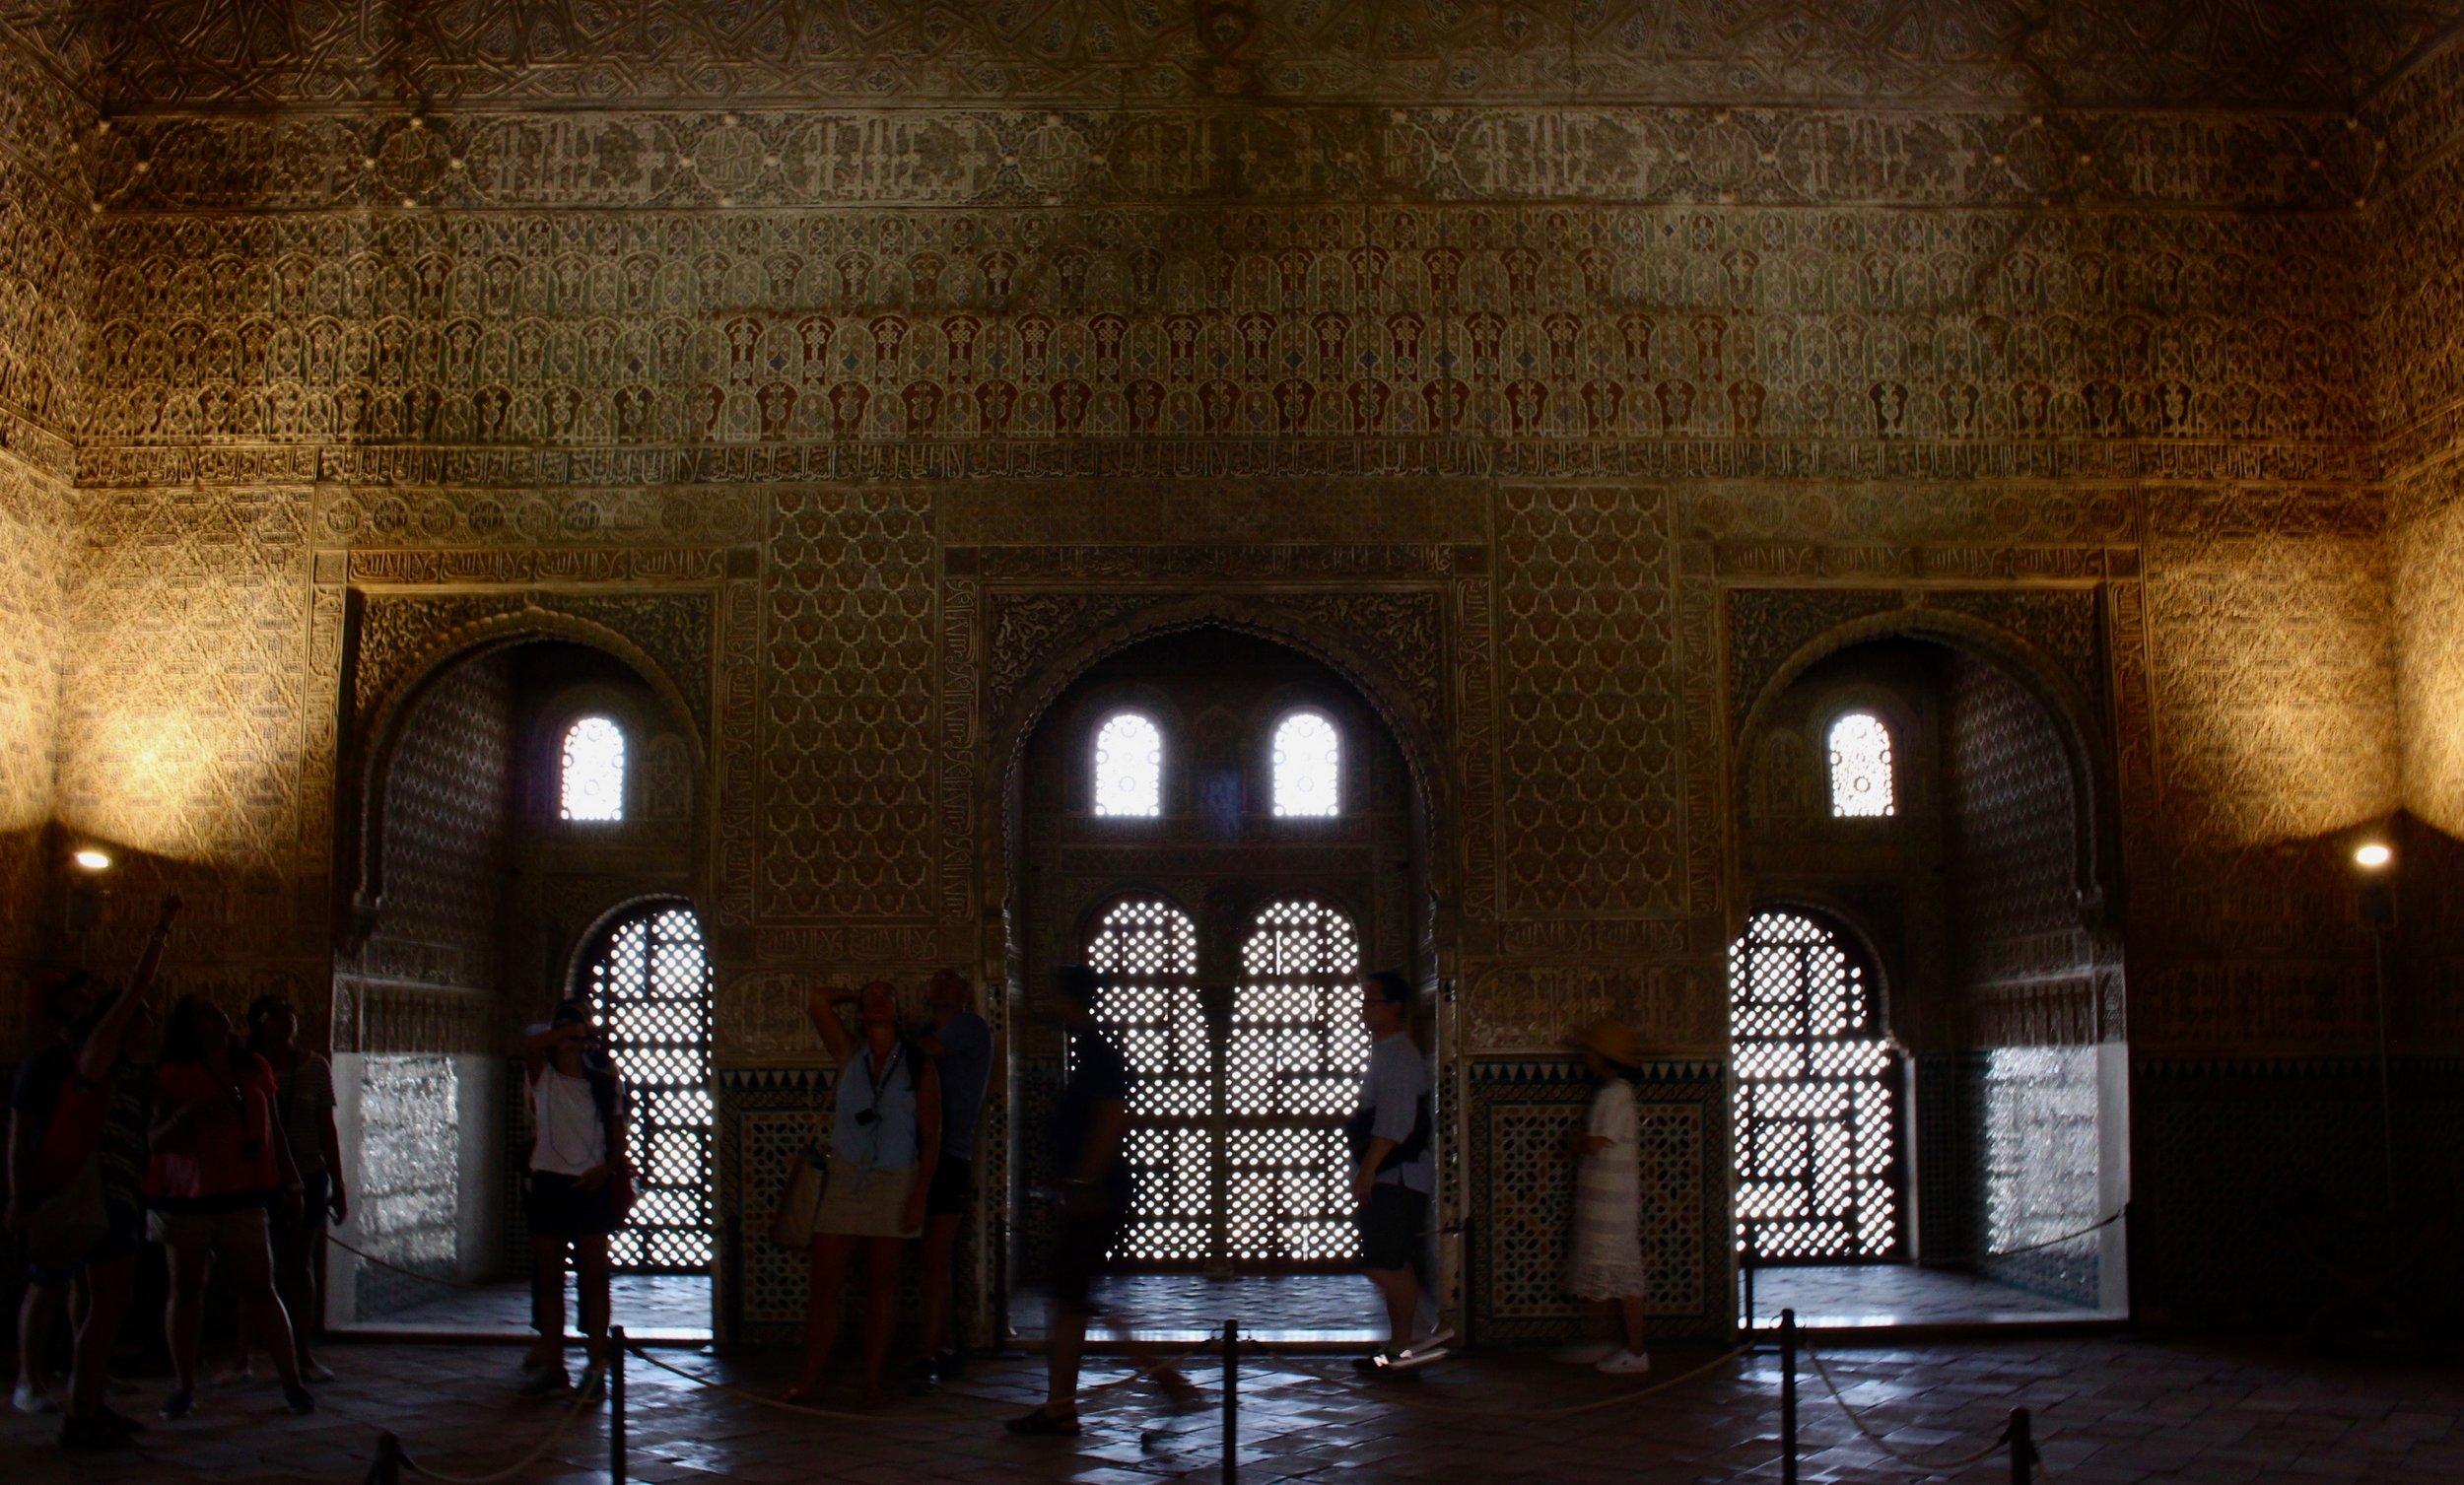 The Salón de los Embajadores  in the Alhambra, Granada.